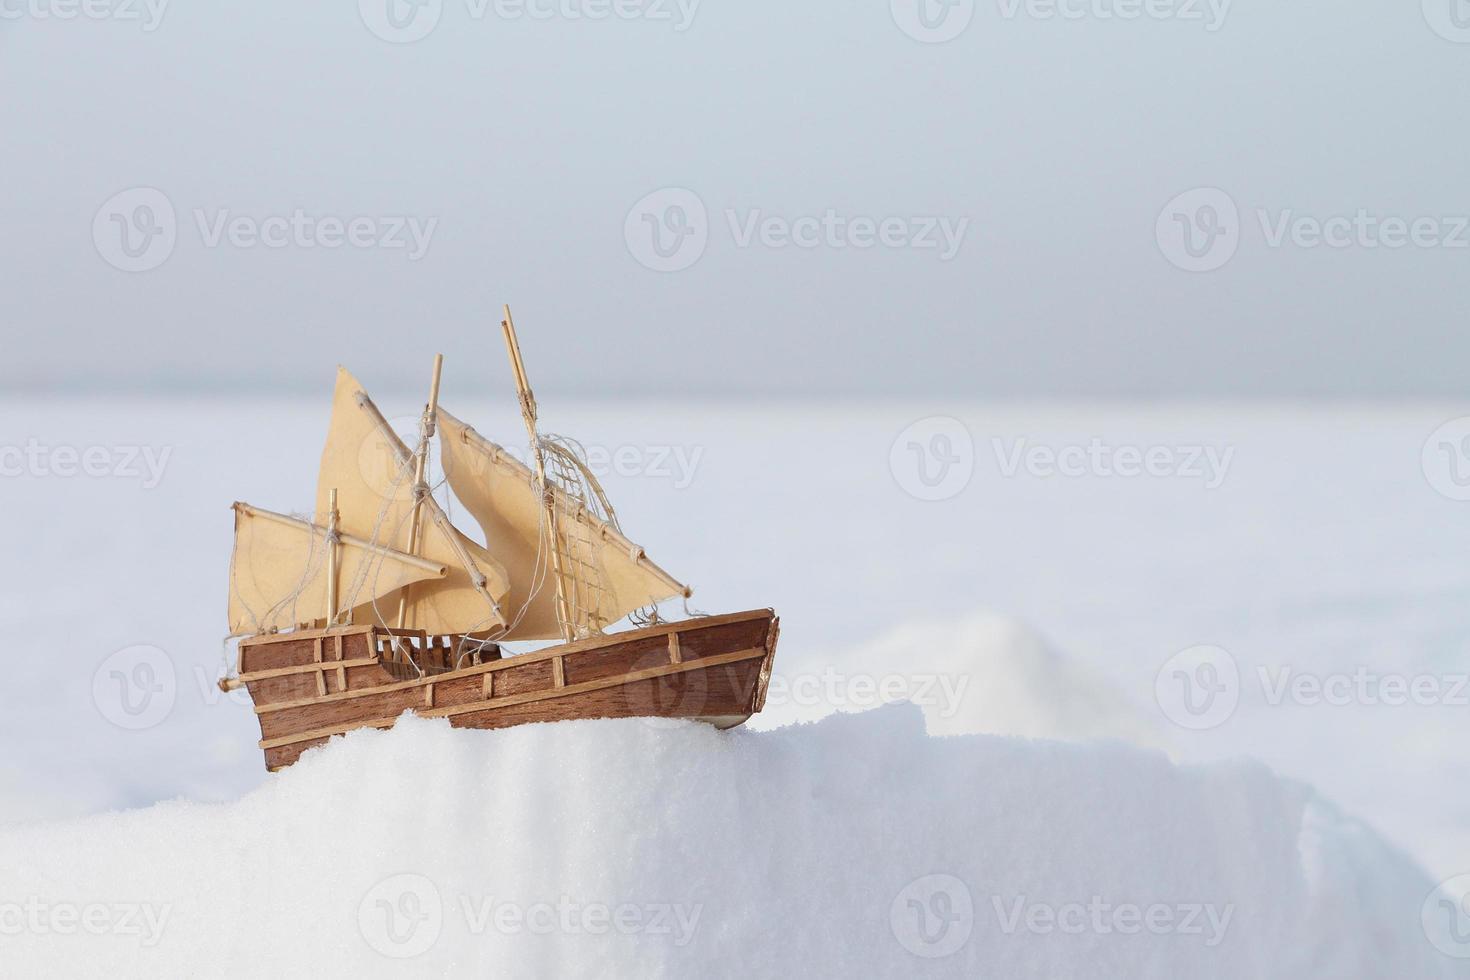 el barco de juguete en la nieve foto